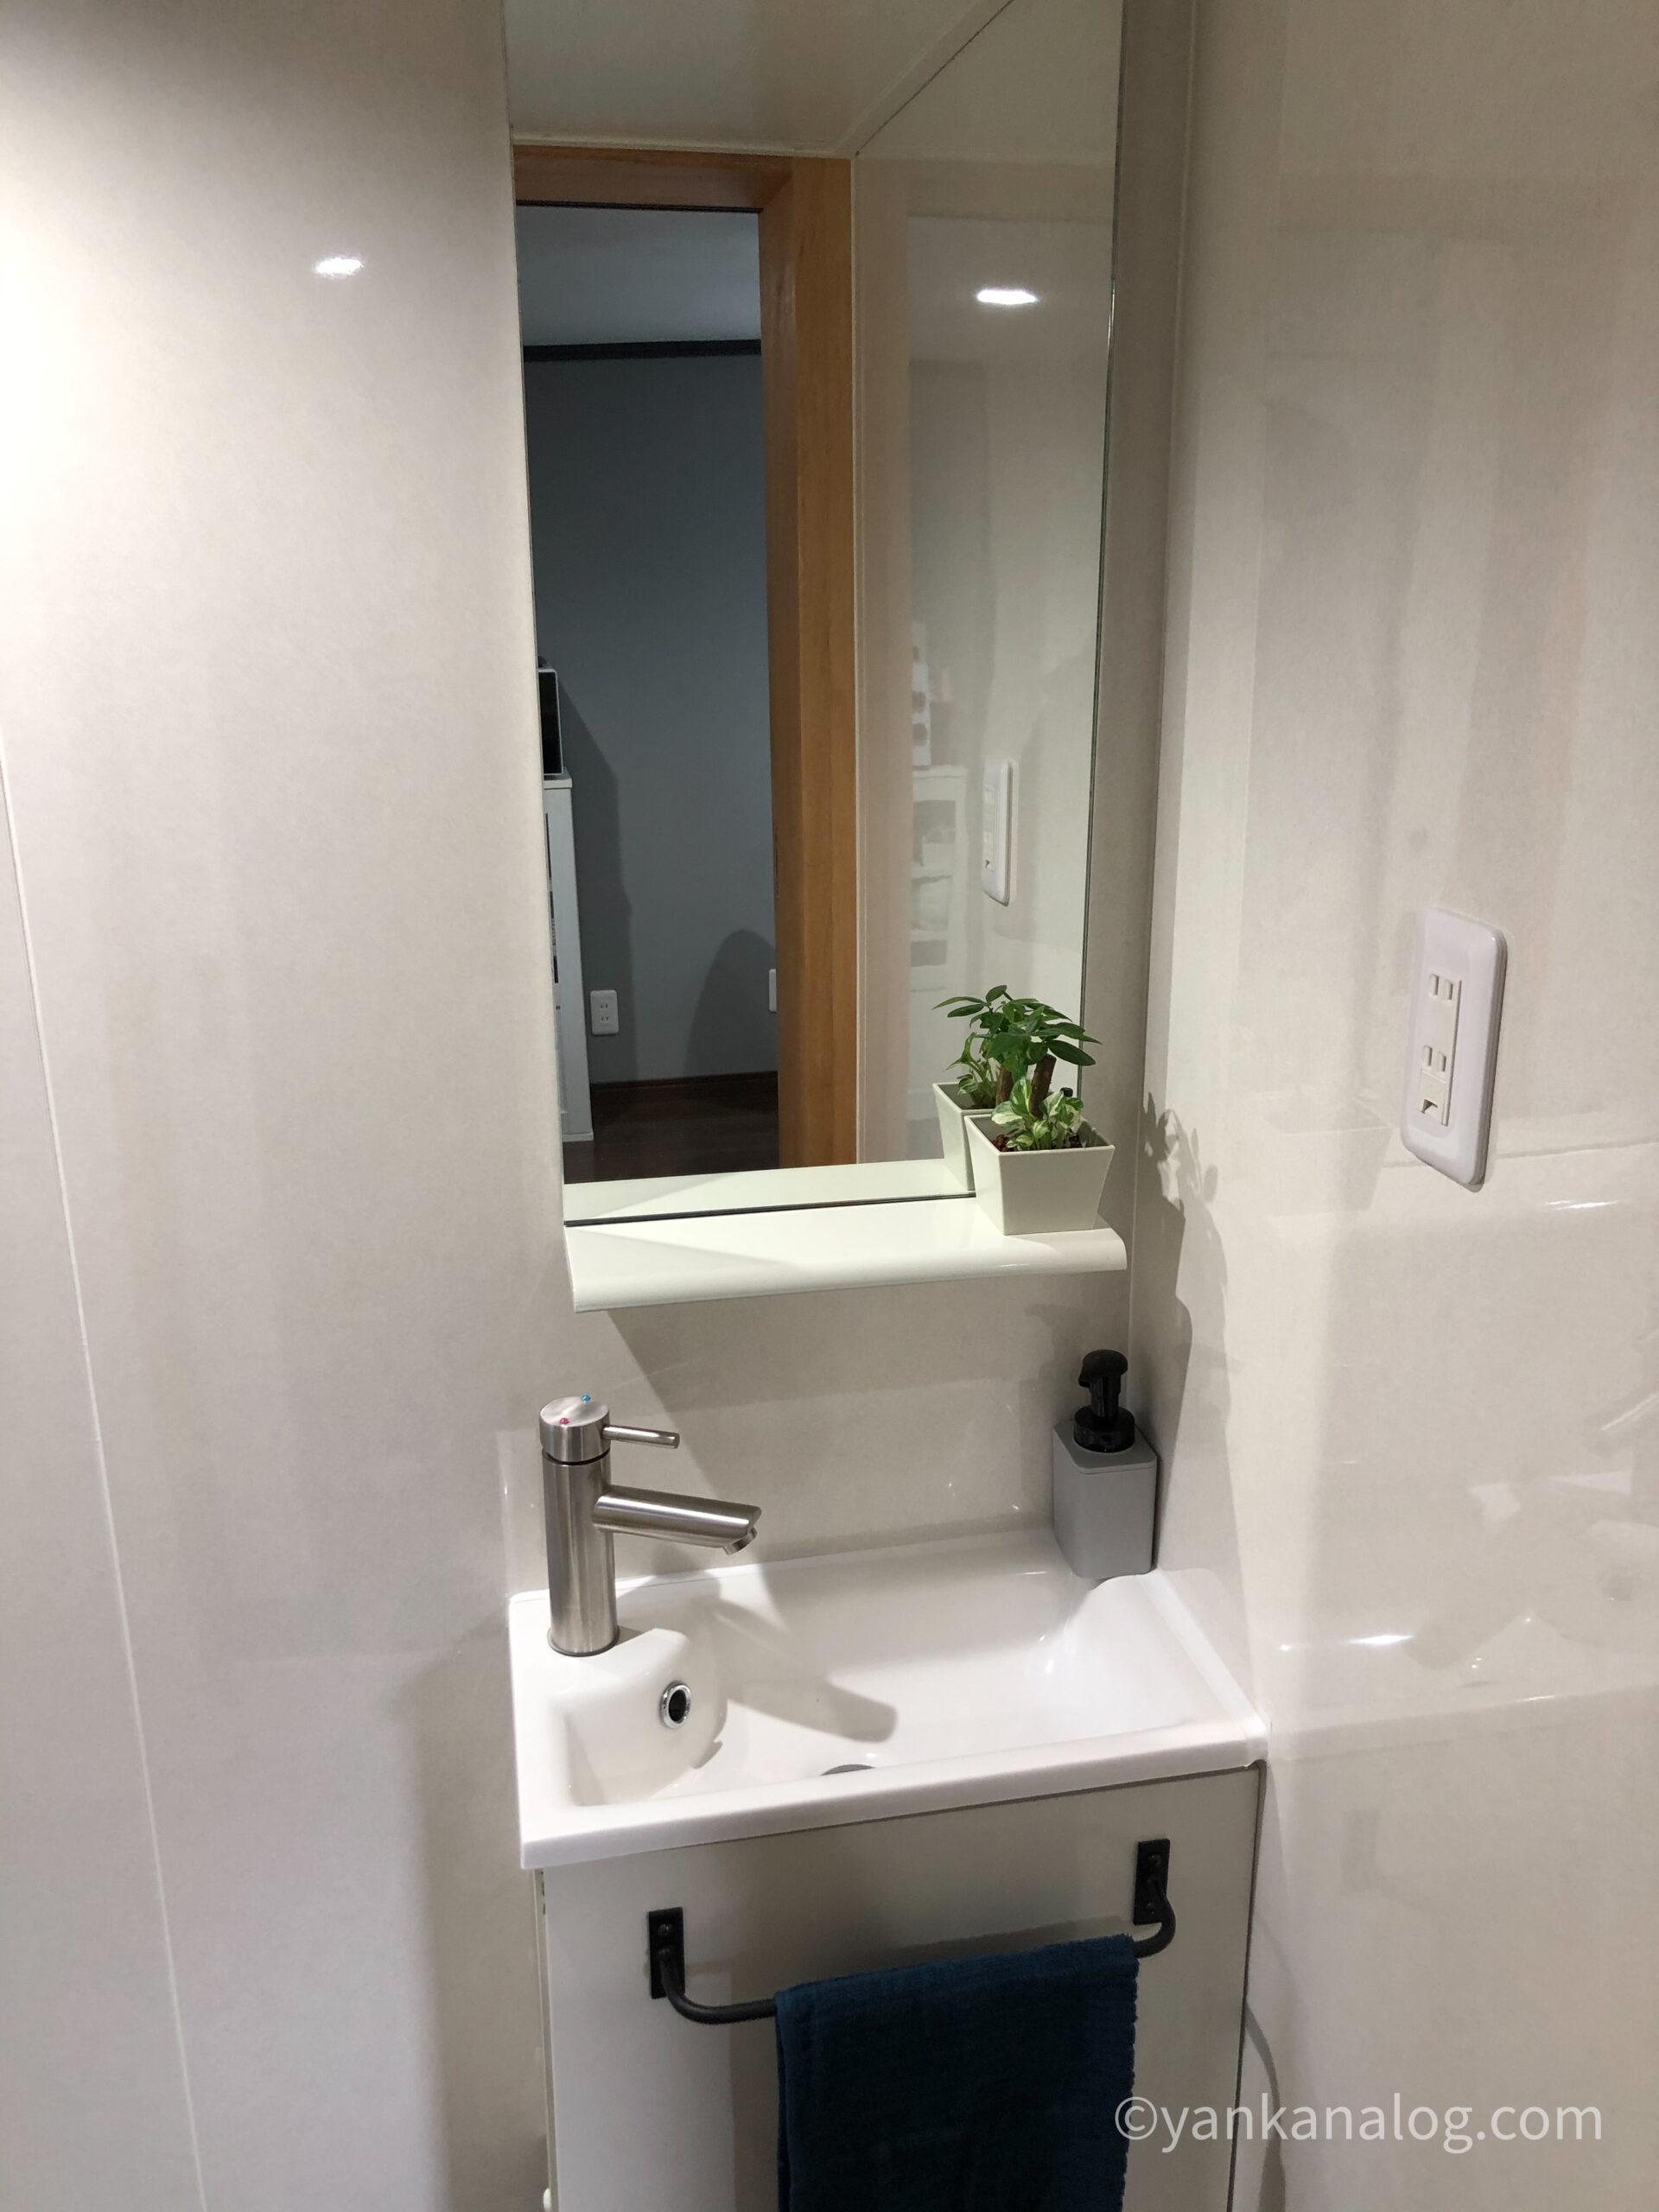 ファミリールーム沖縄洗面台